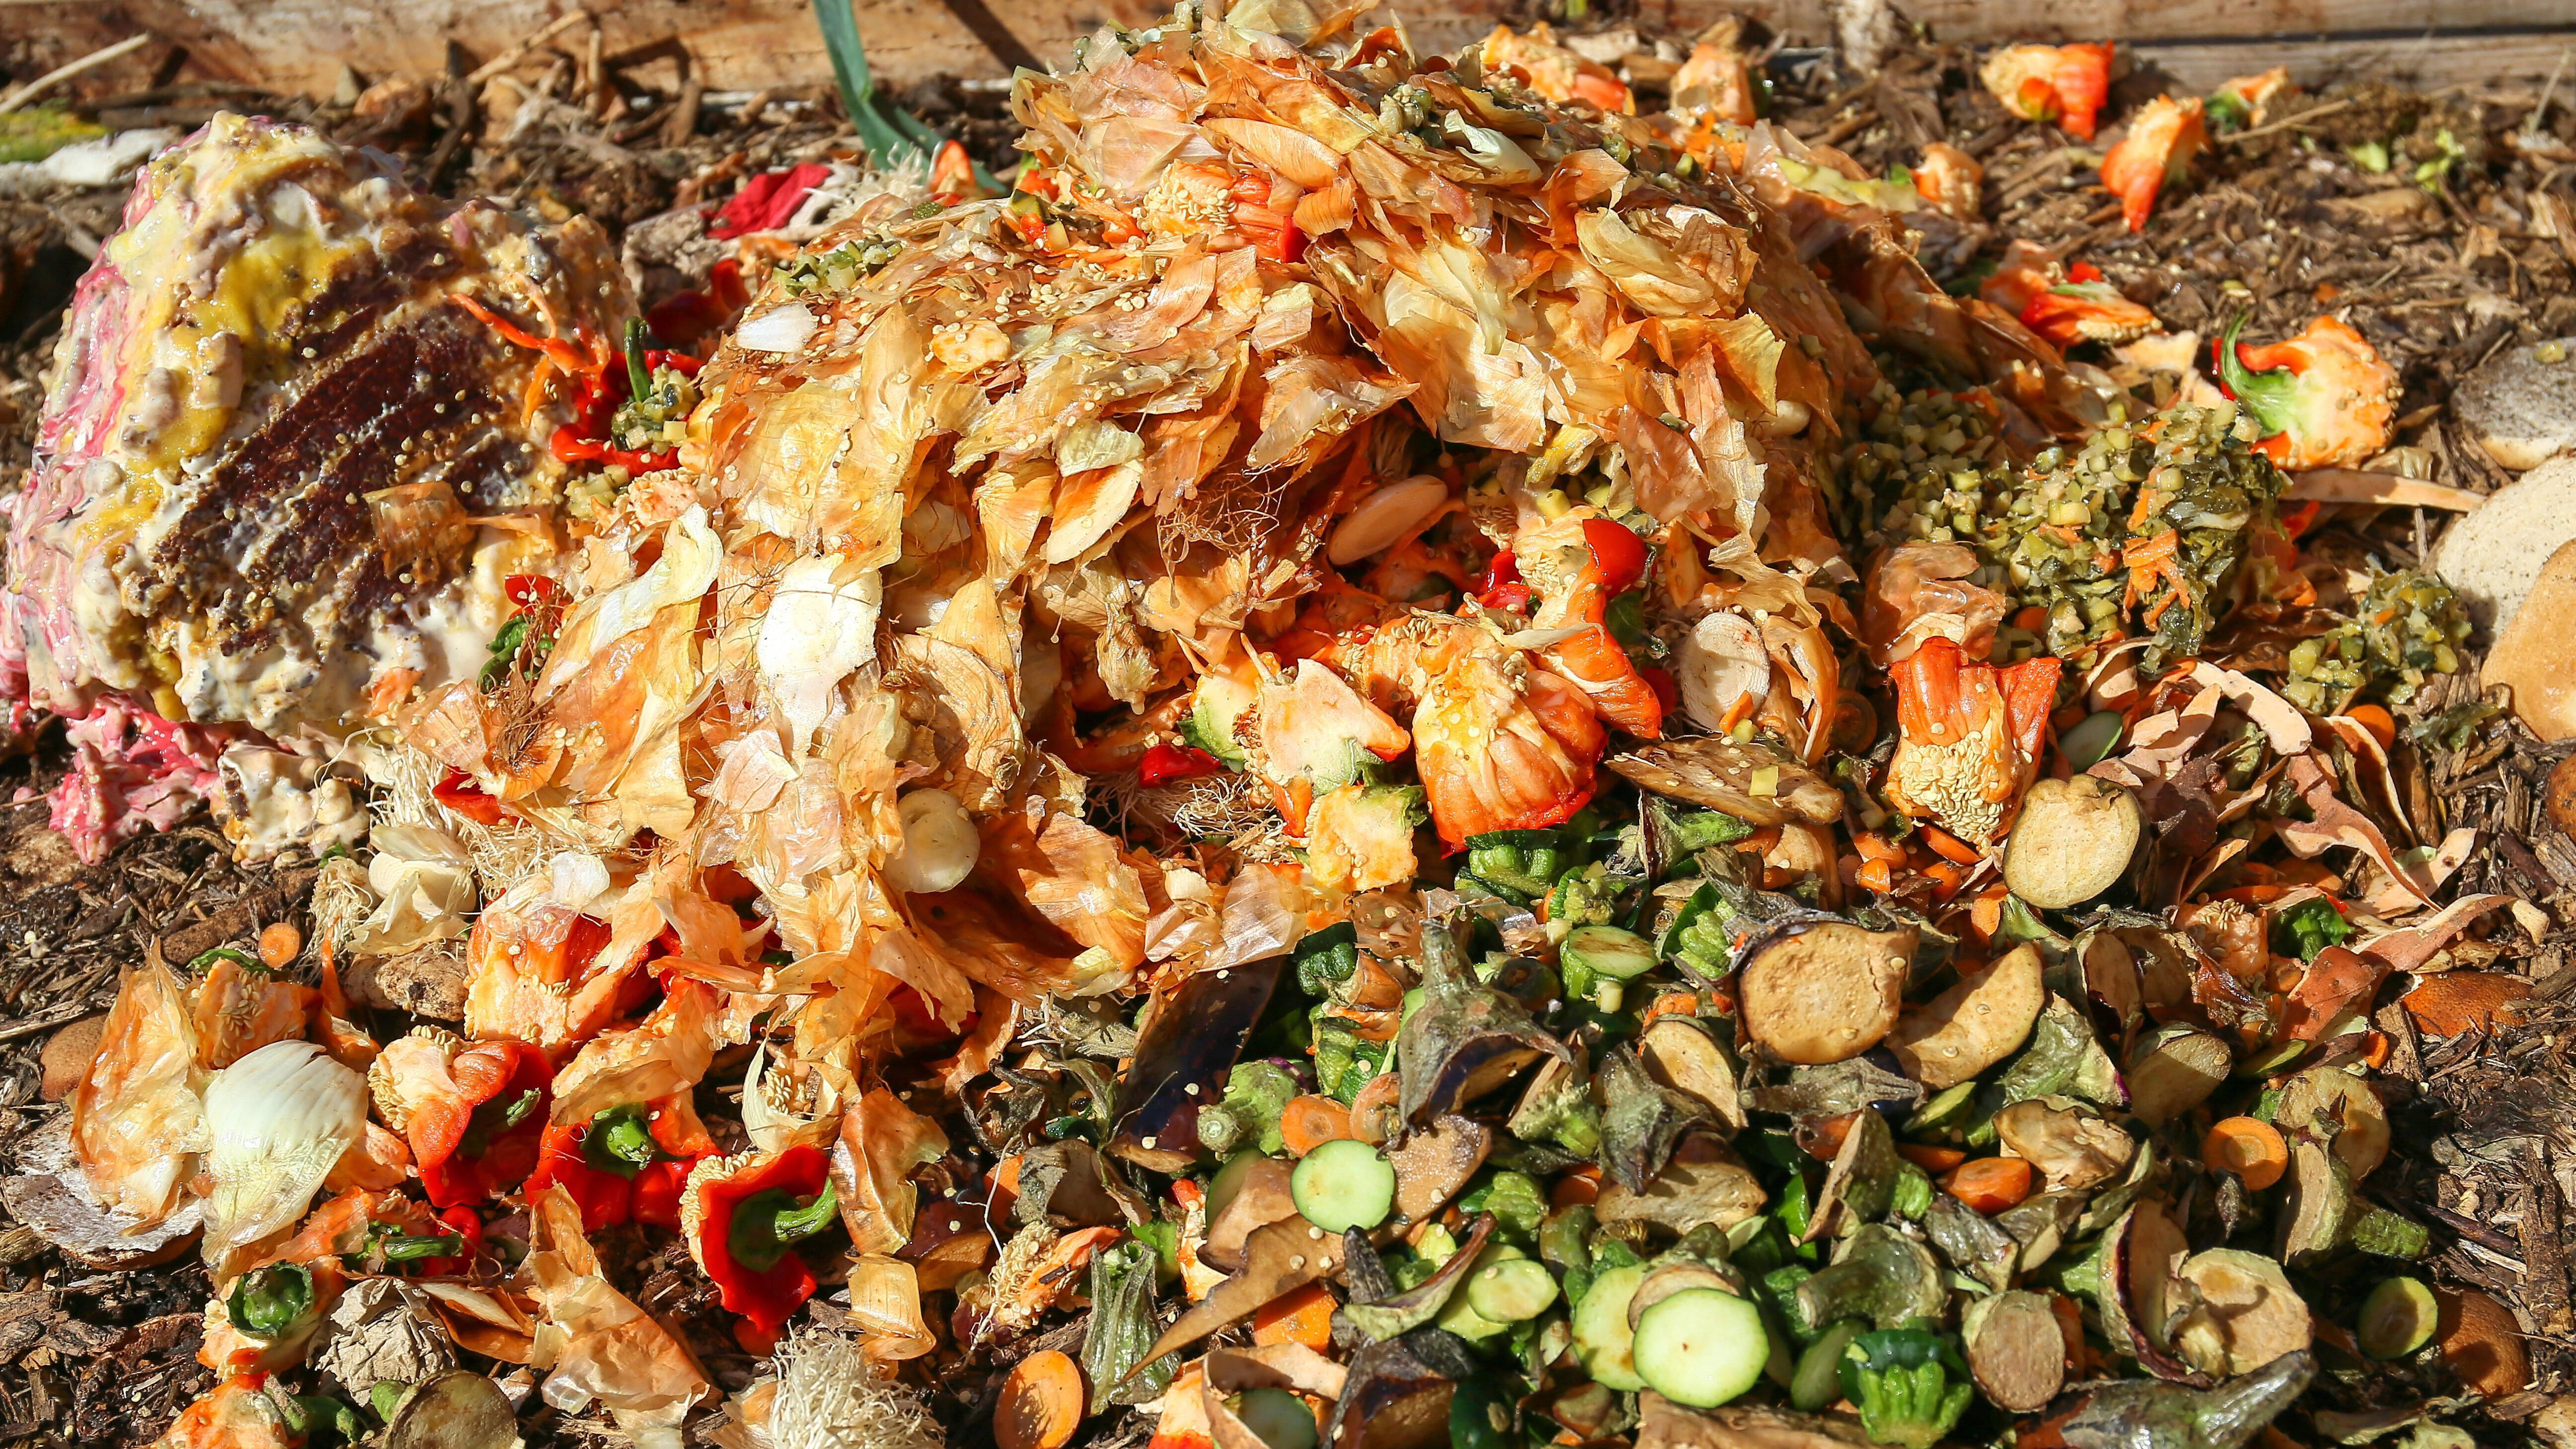 Asche auf Kompost entsorgen: Das müssen Sie wissen